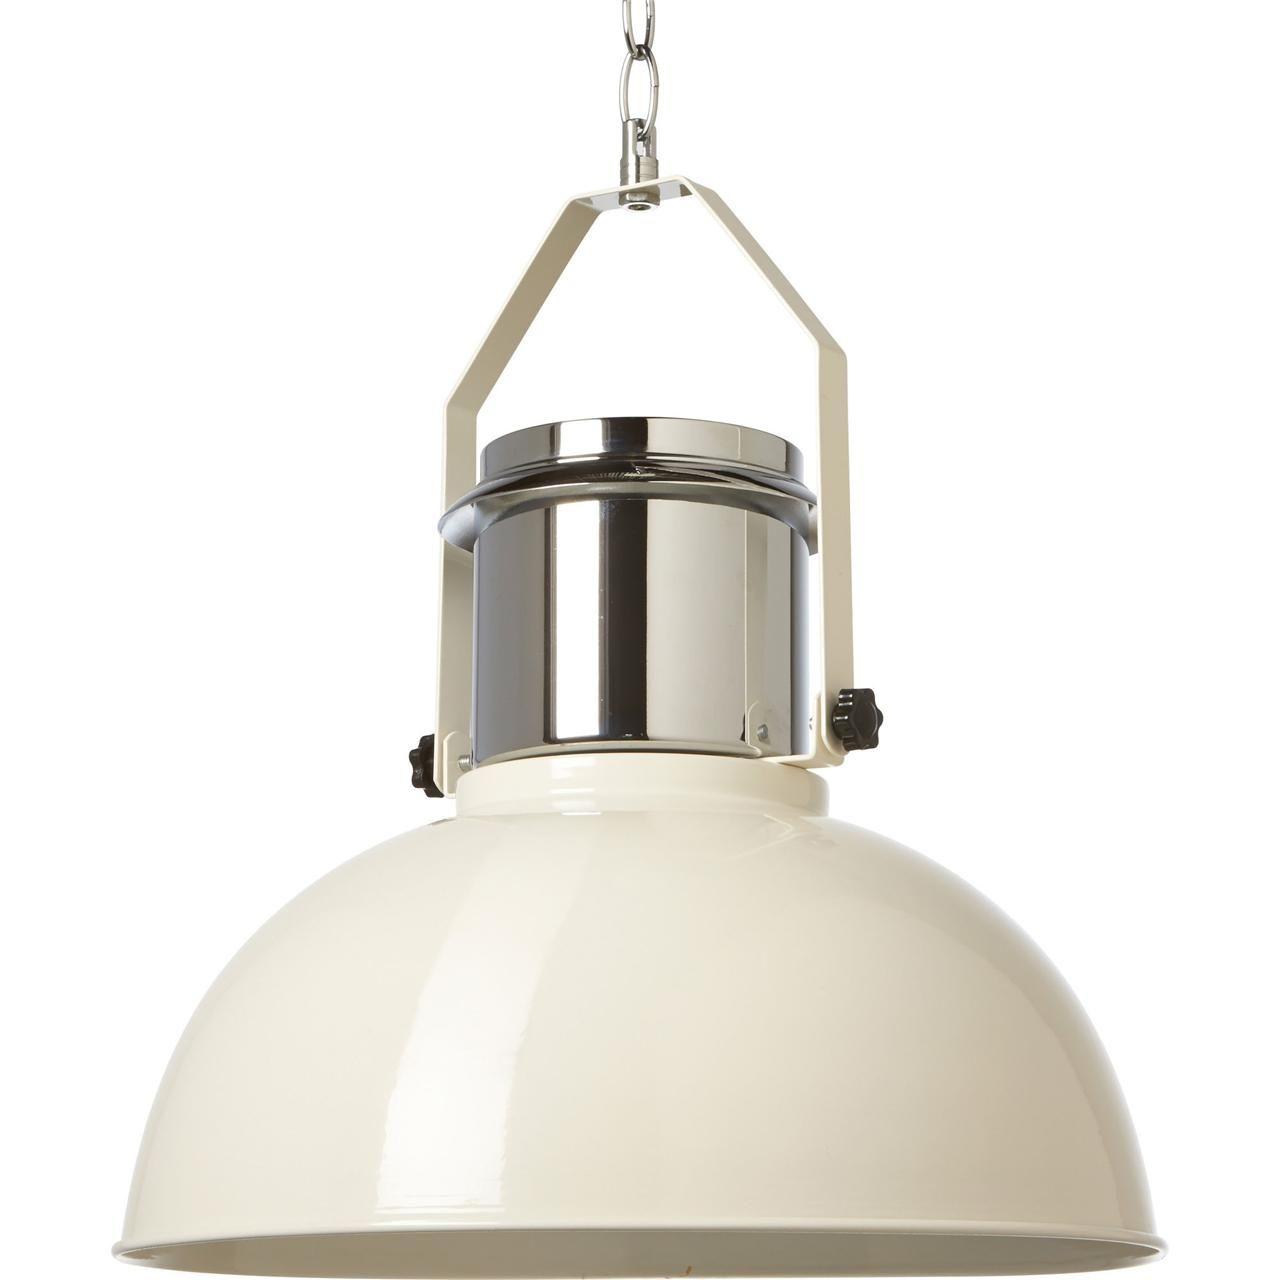 good hanglamp industrie xxl creme voor kwantum verlichting